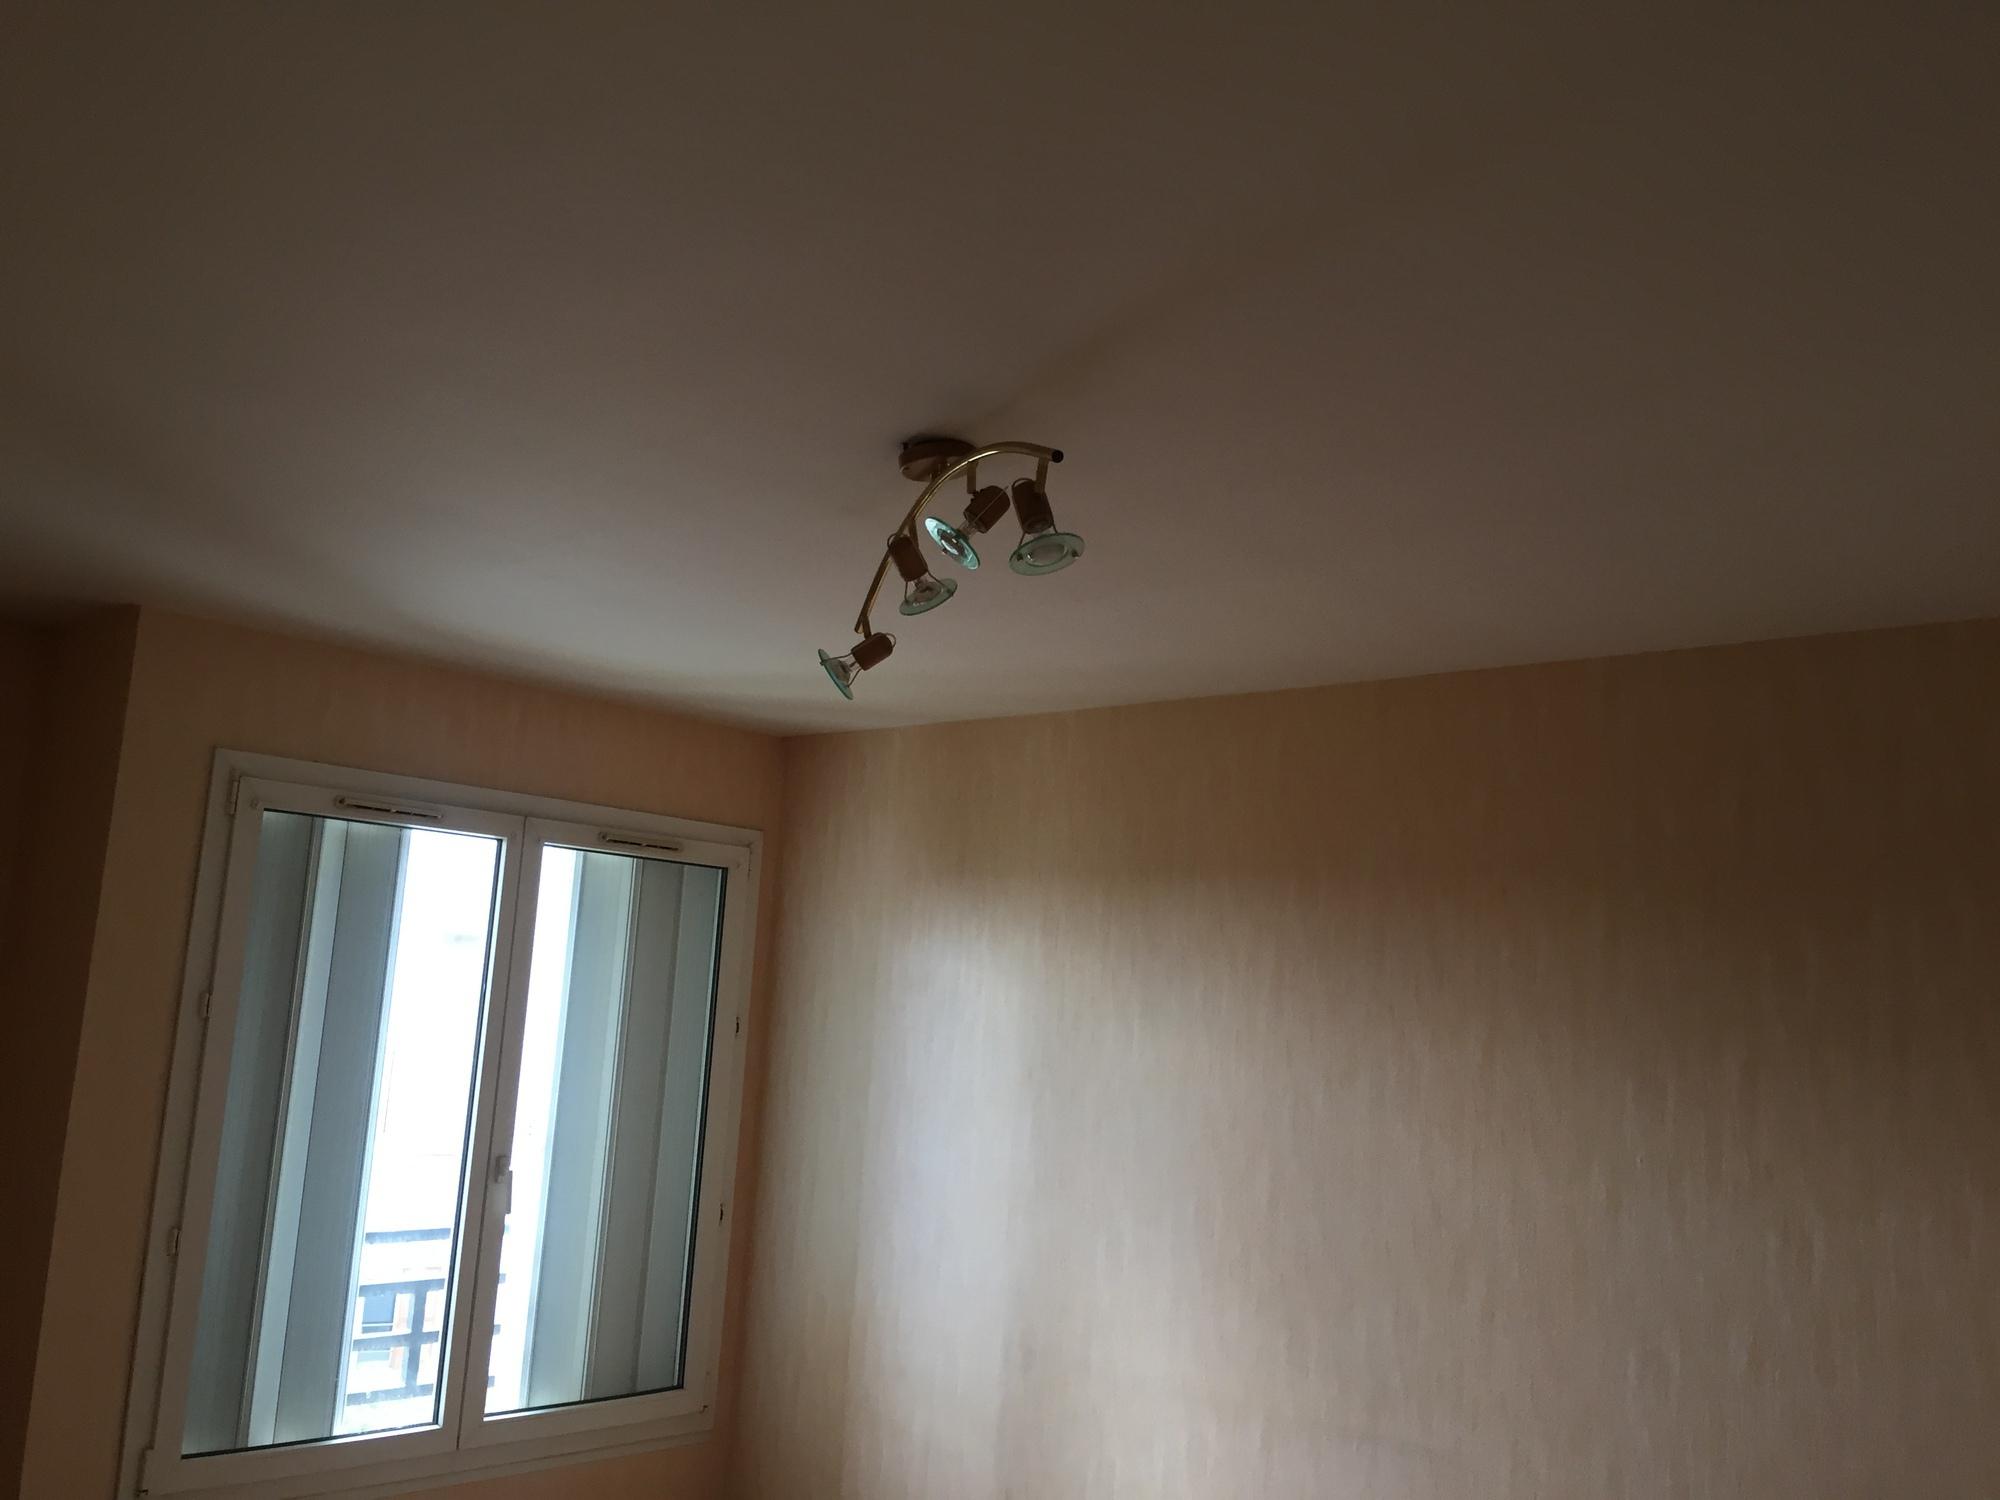 Curty  Je cherche  faire la dco de mon nouvel appartement  Ct Maison